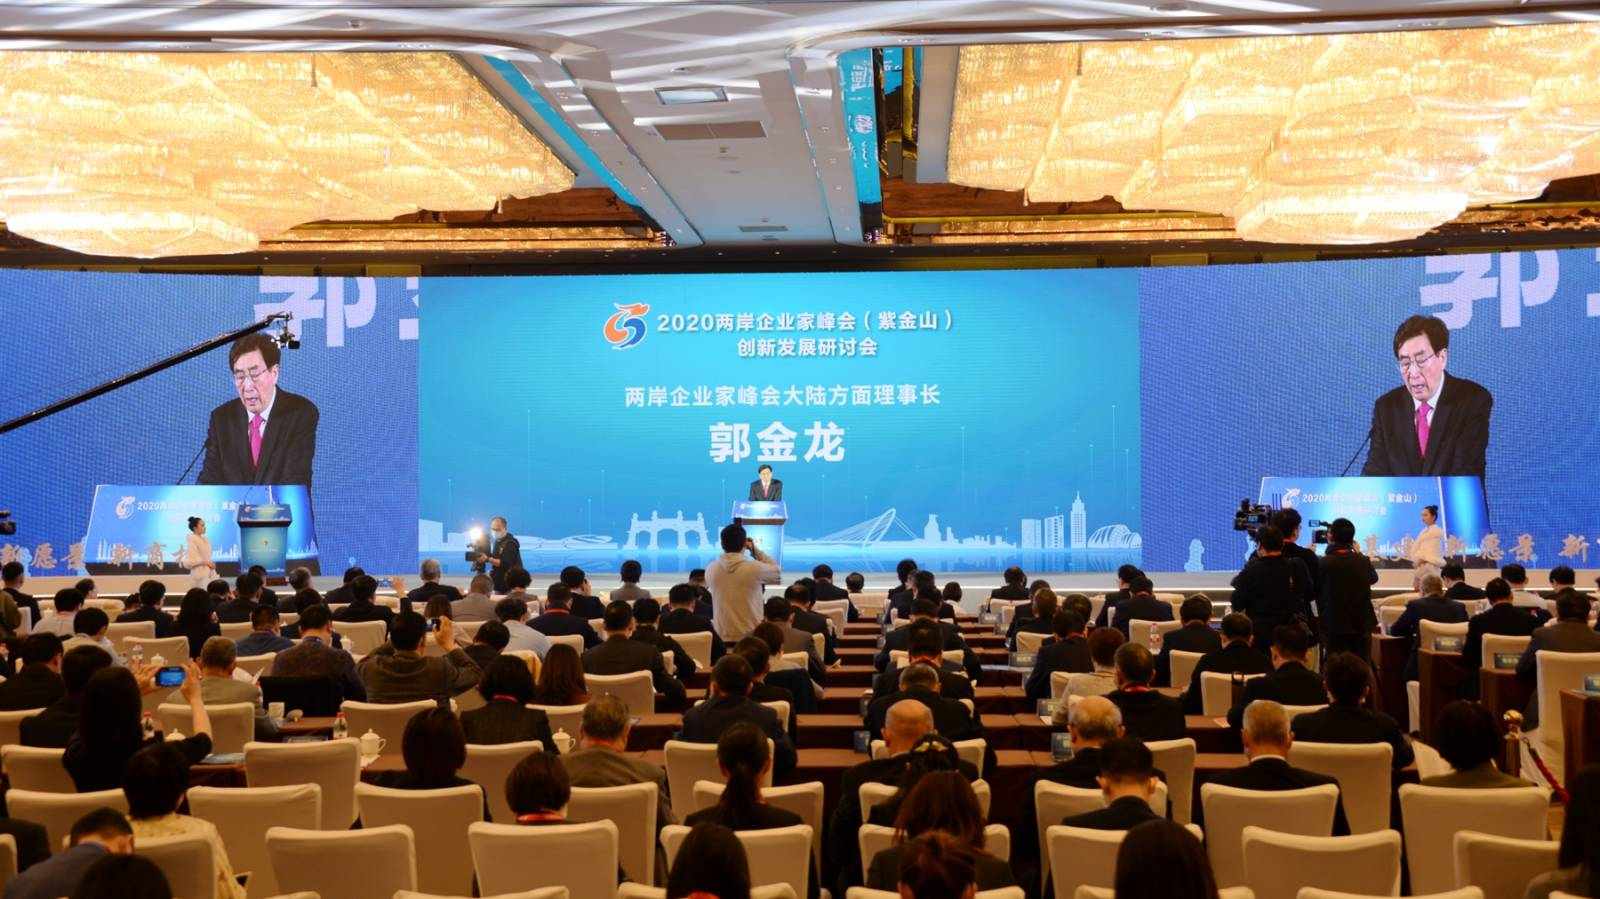 兩岸企業家峰會研討「十四五」新機遇